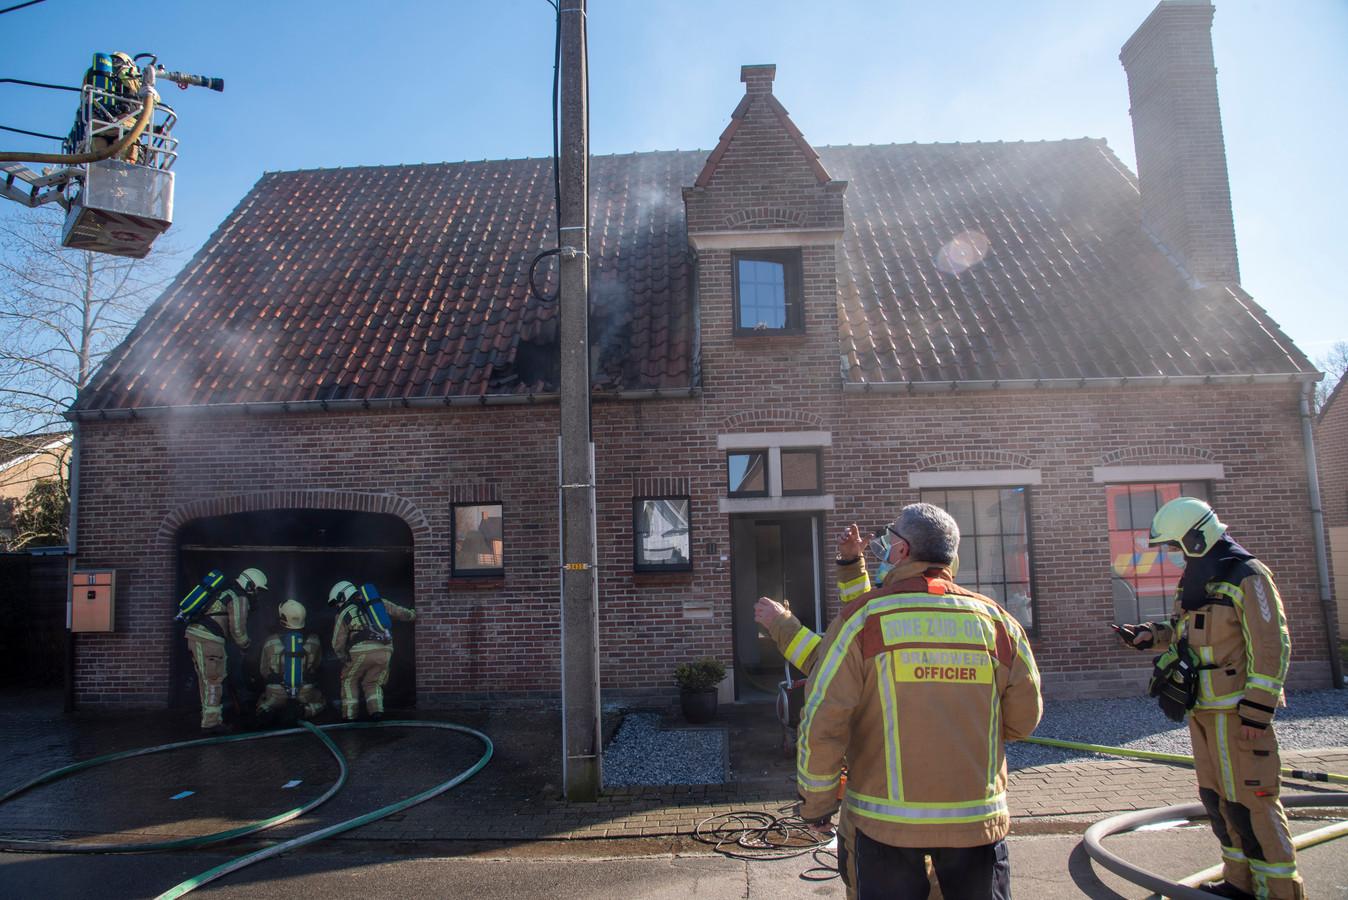 Het vuur verspreidde zich onder het dak van de woning.